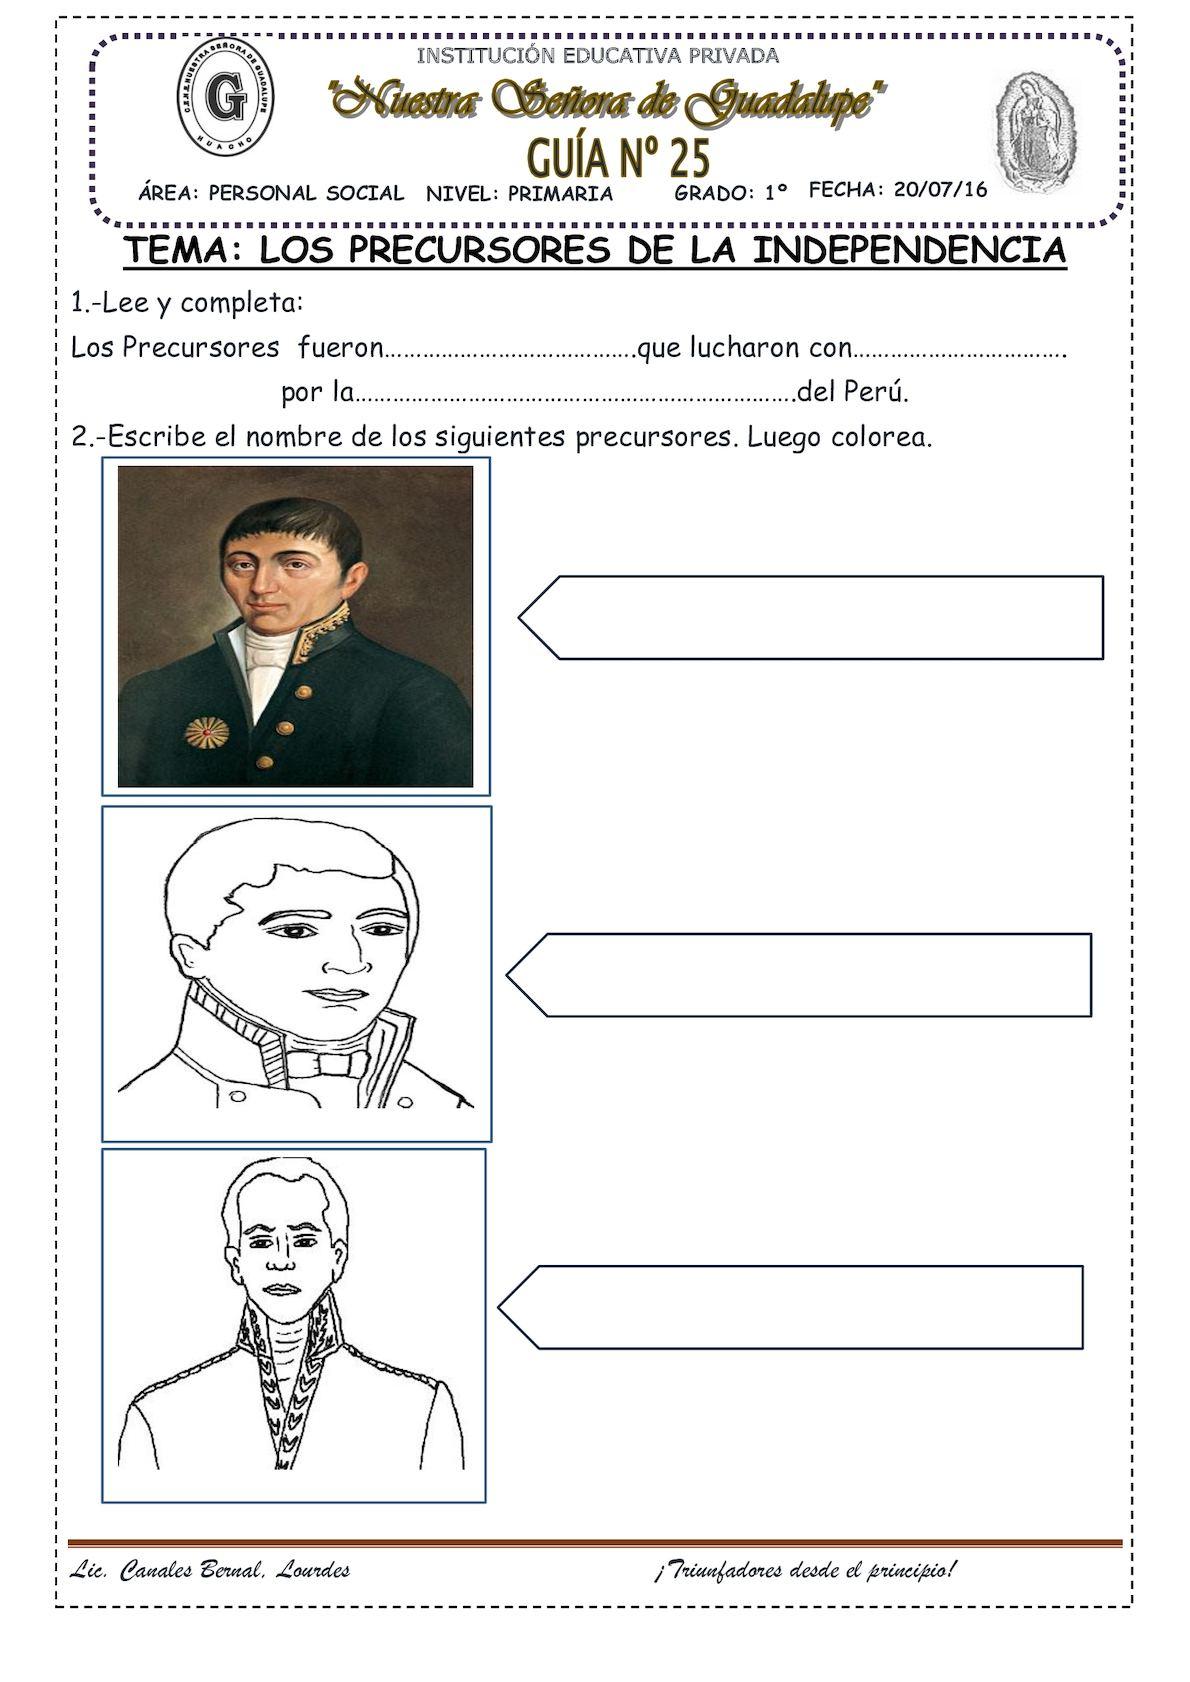 Precursores De La Independencia